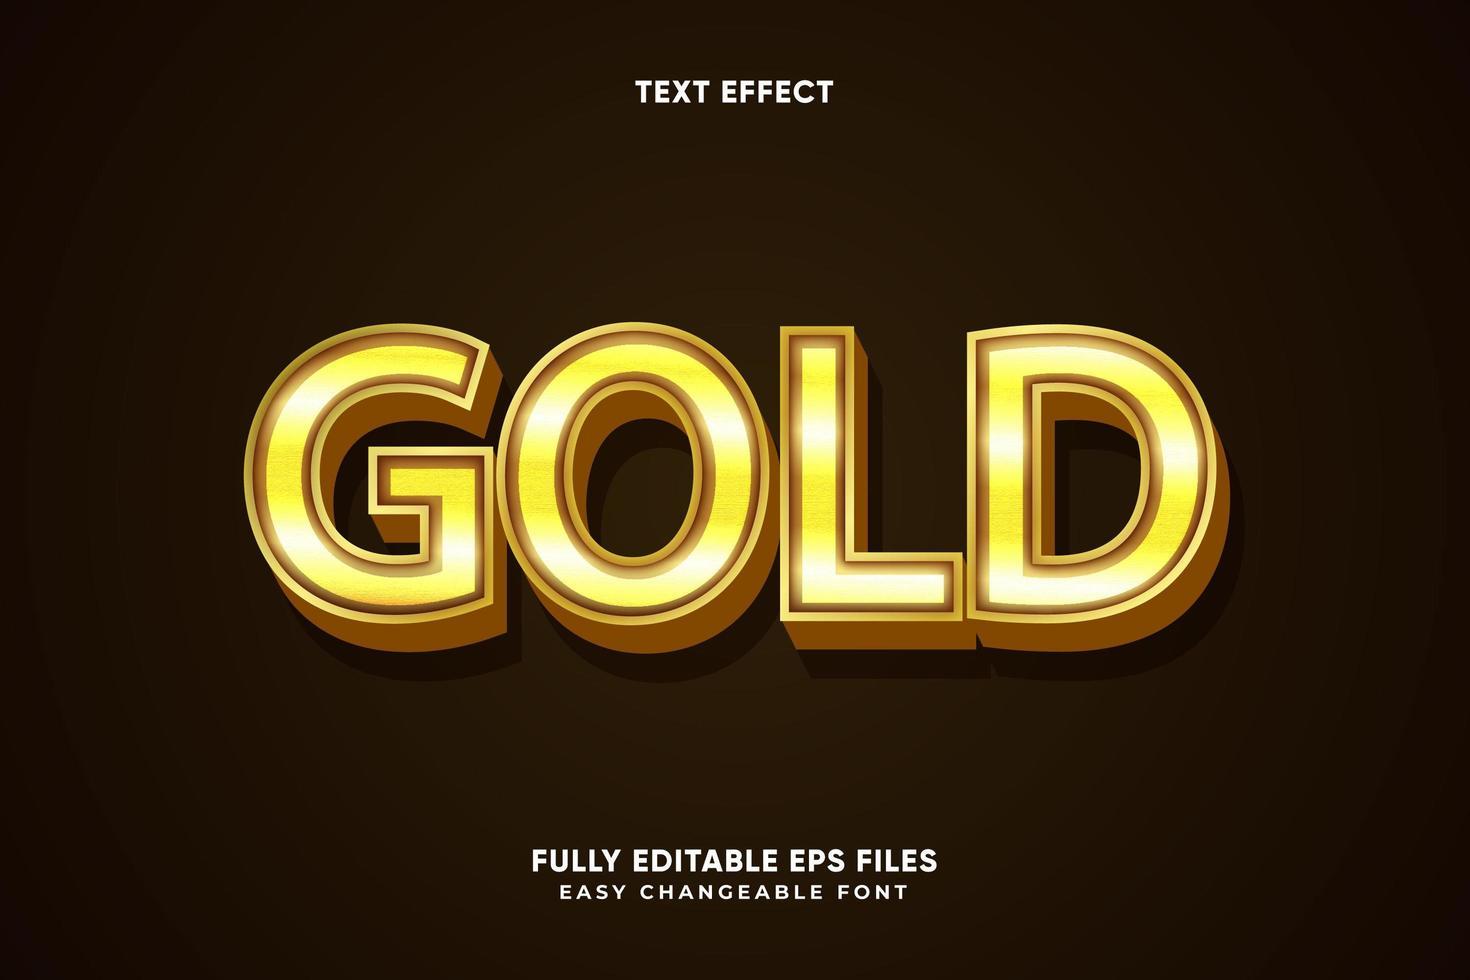 redigerbar guldtexteffekt vektor